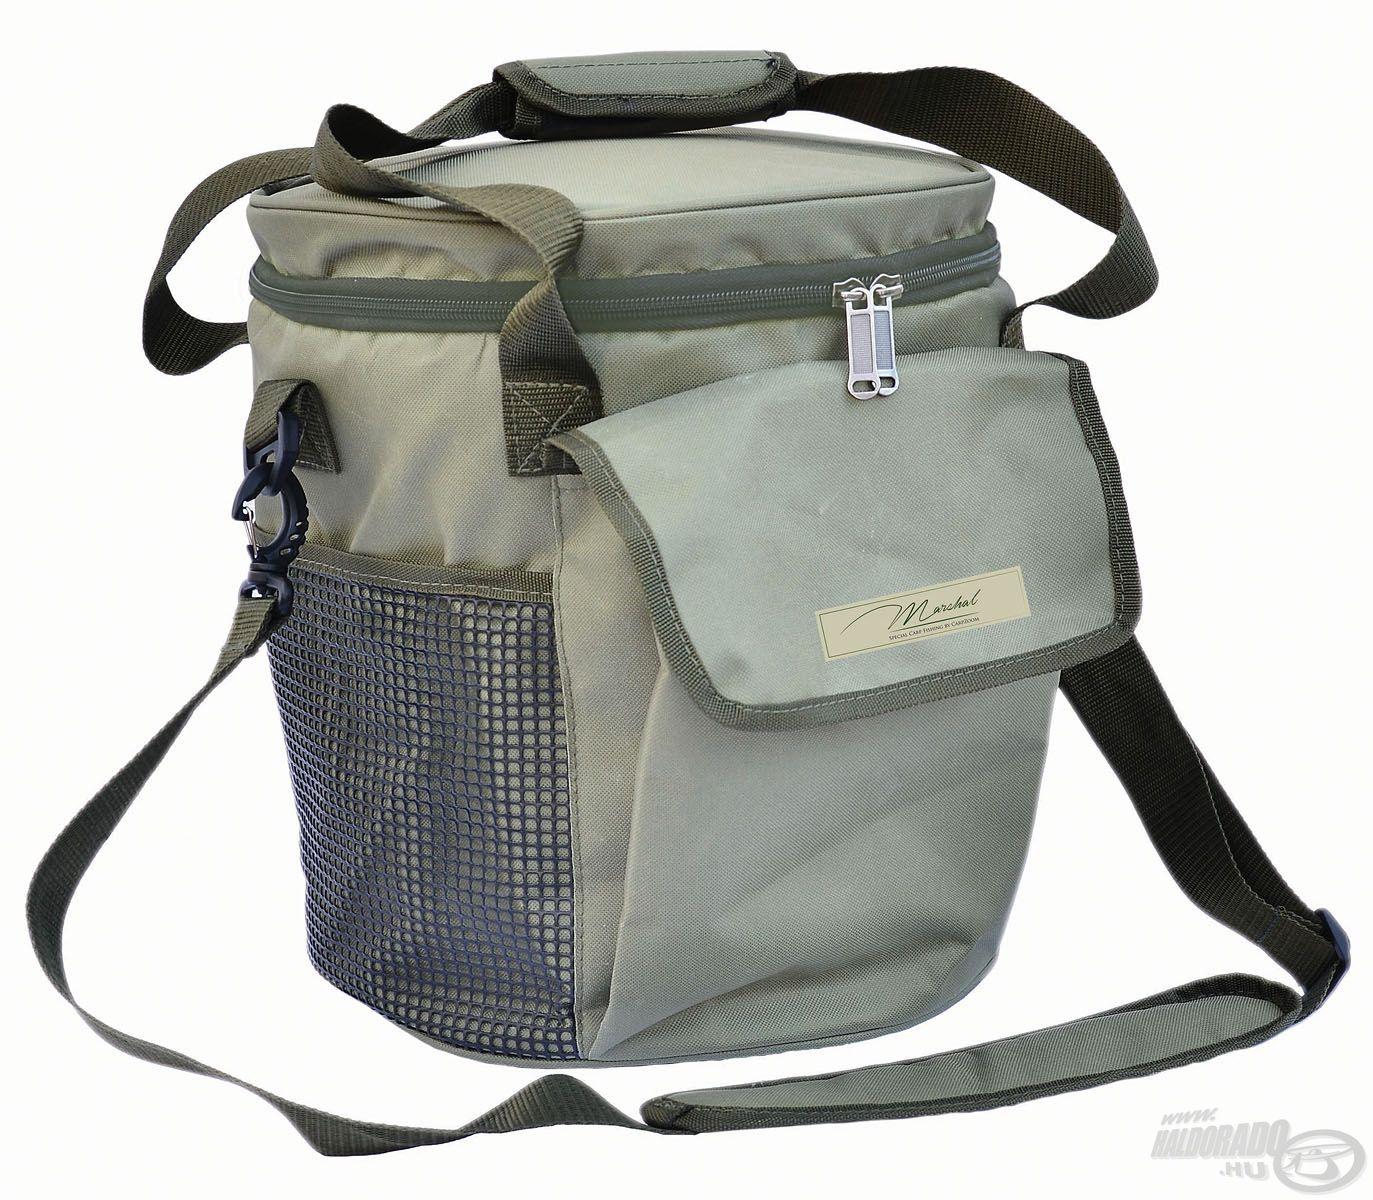 Prémium minőségű csalitartó táska a Marshal kínálatában